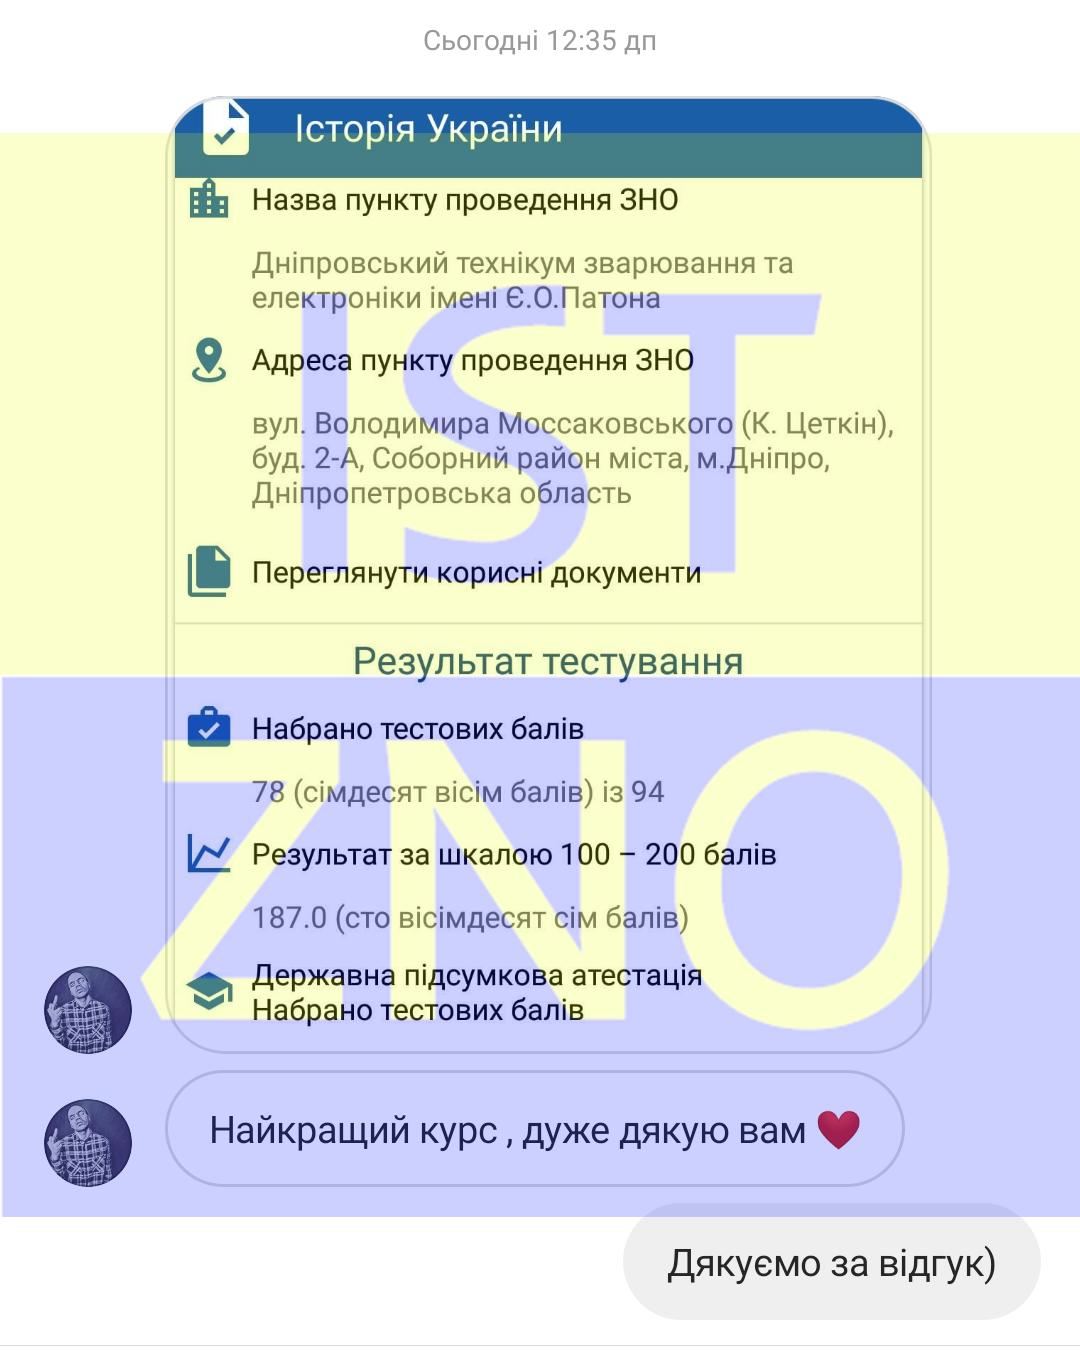 Screenshot_2019-06-22-00-48-16-352_com.instagram.android